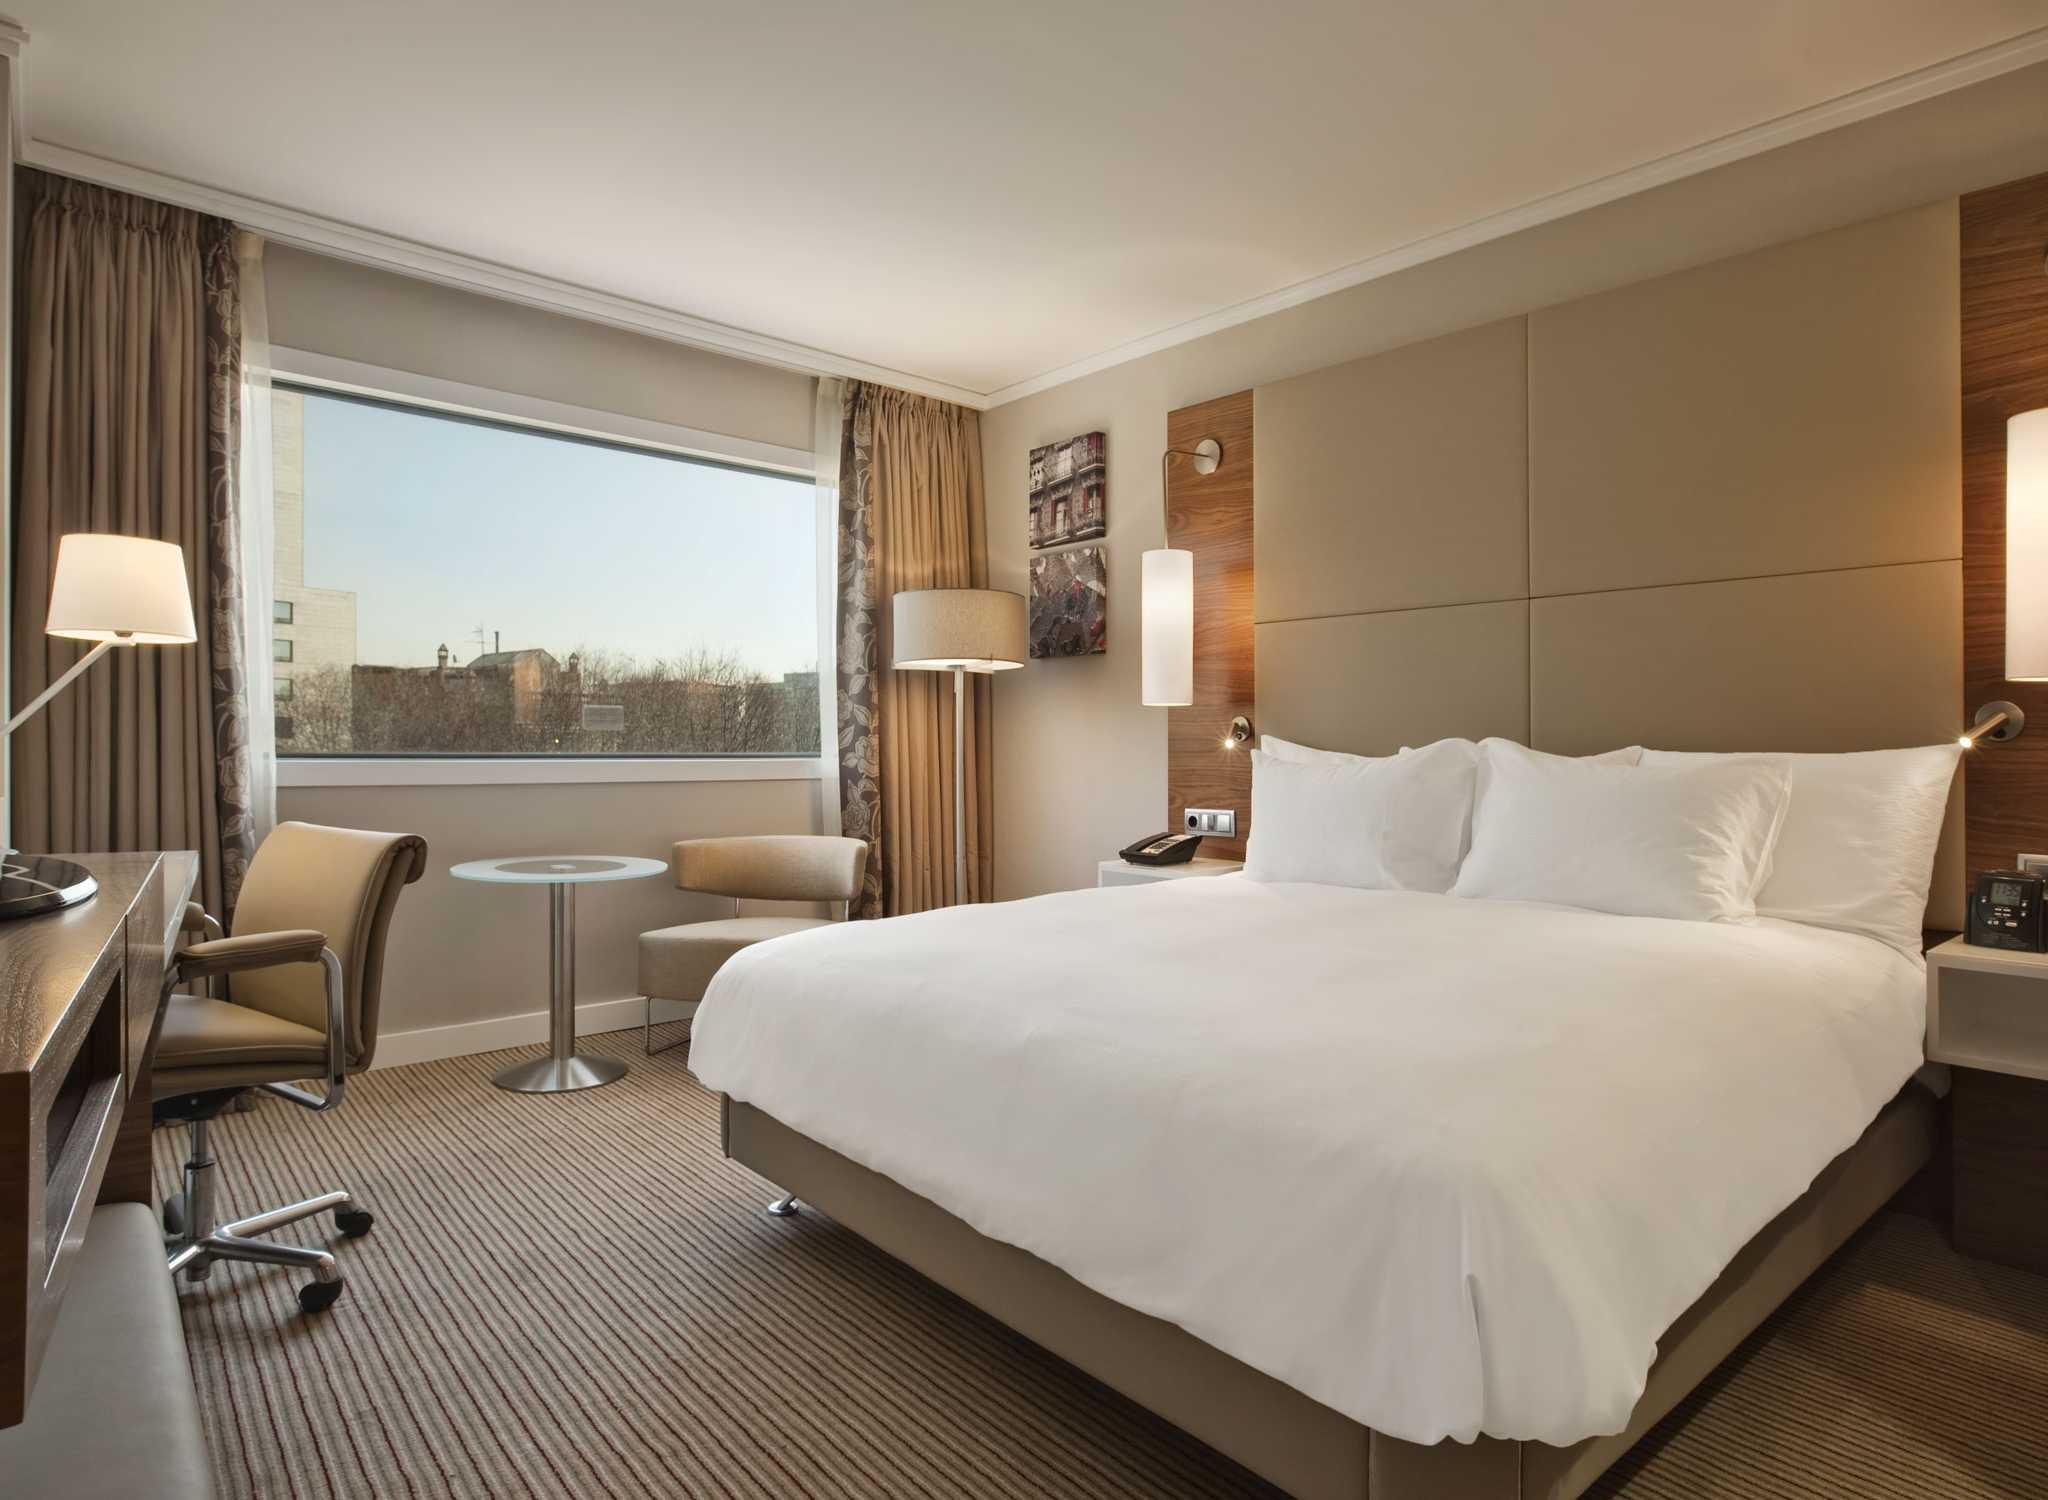 Hoteles en Espaa  Barcelona Madrid Mallorca  Hilton